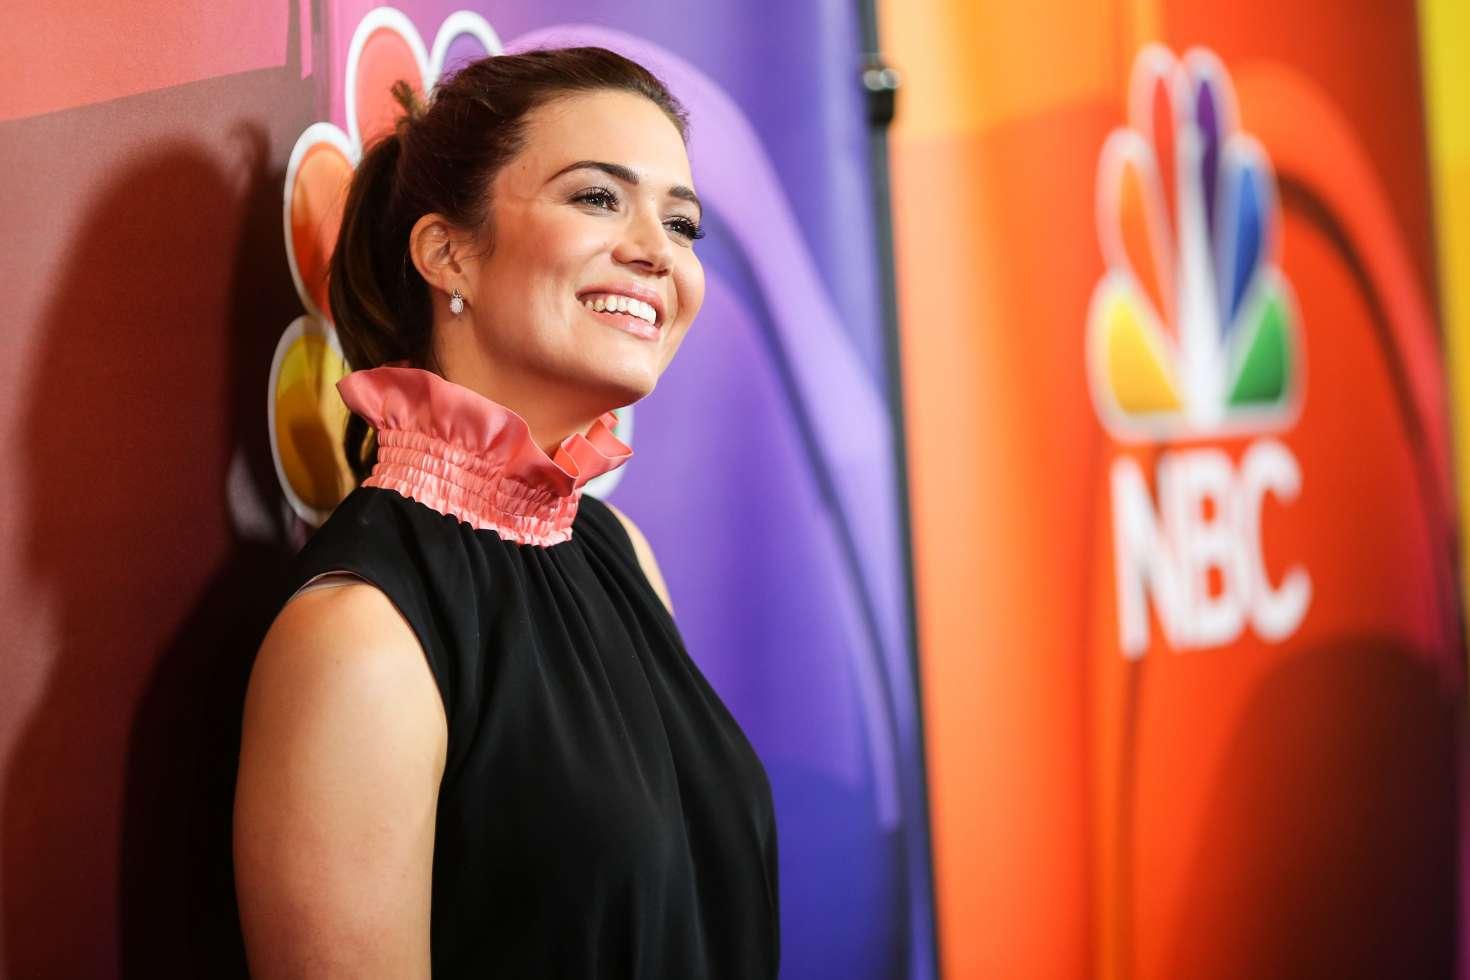 Mandy Moore 2017 : Mandy Moore: NBC Summer TCA Press Tour -17